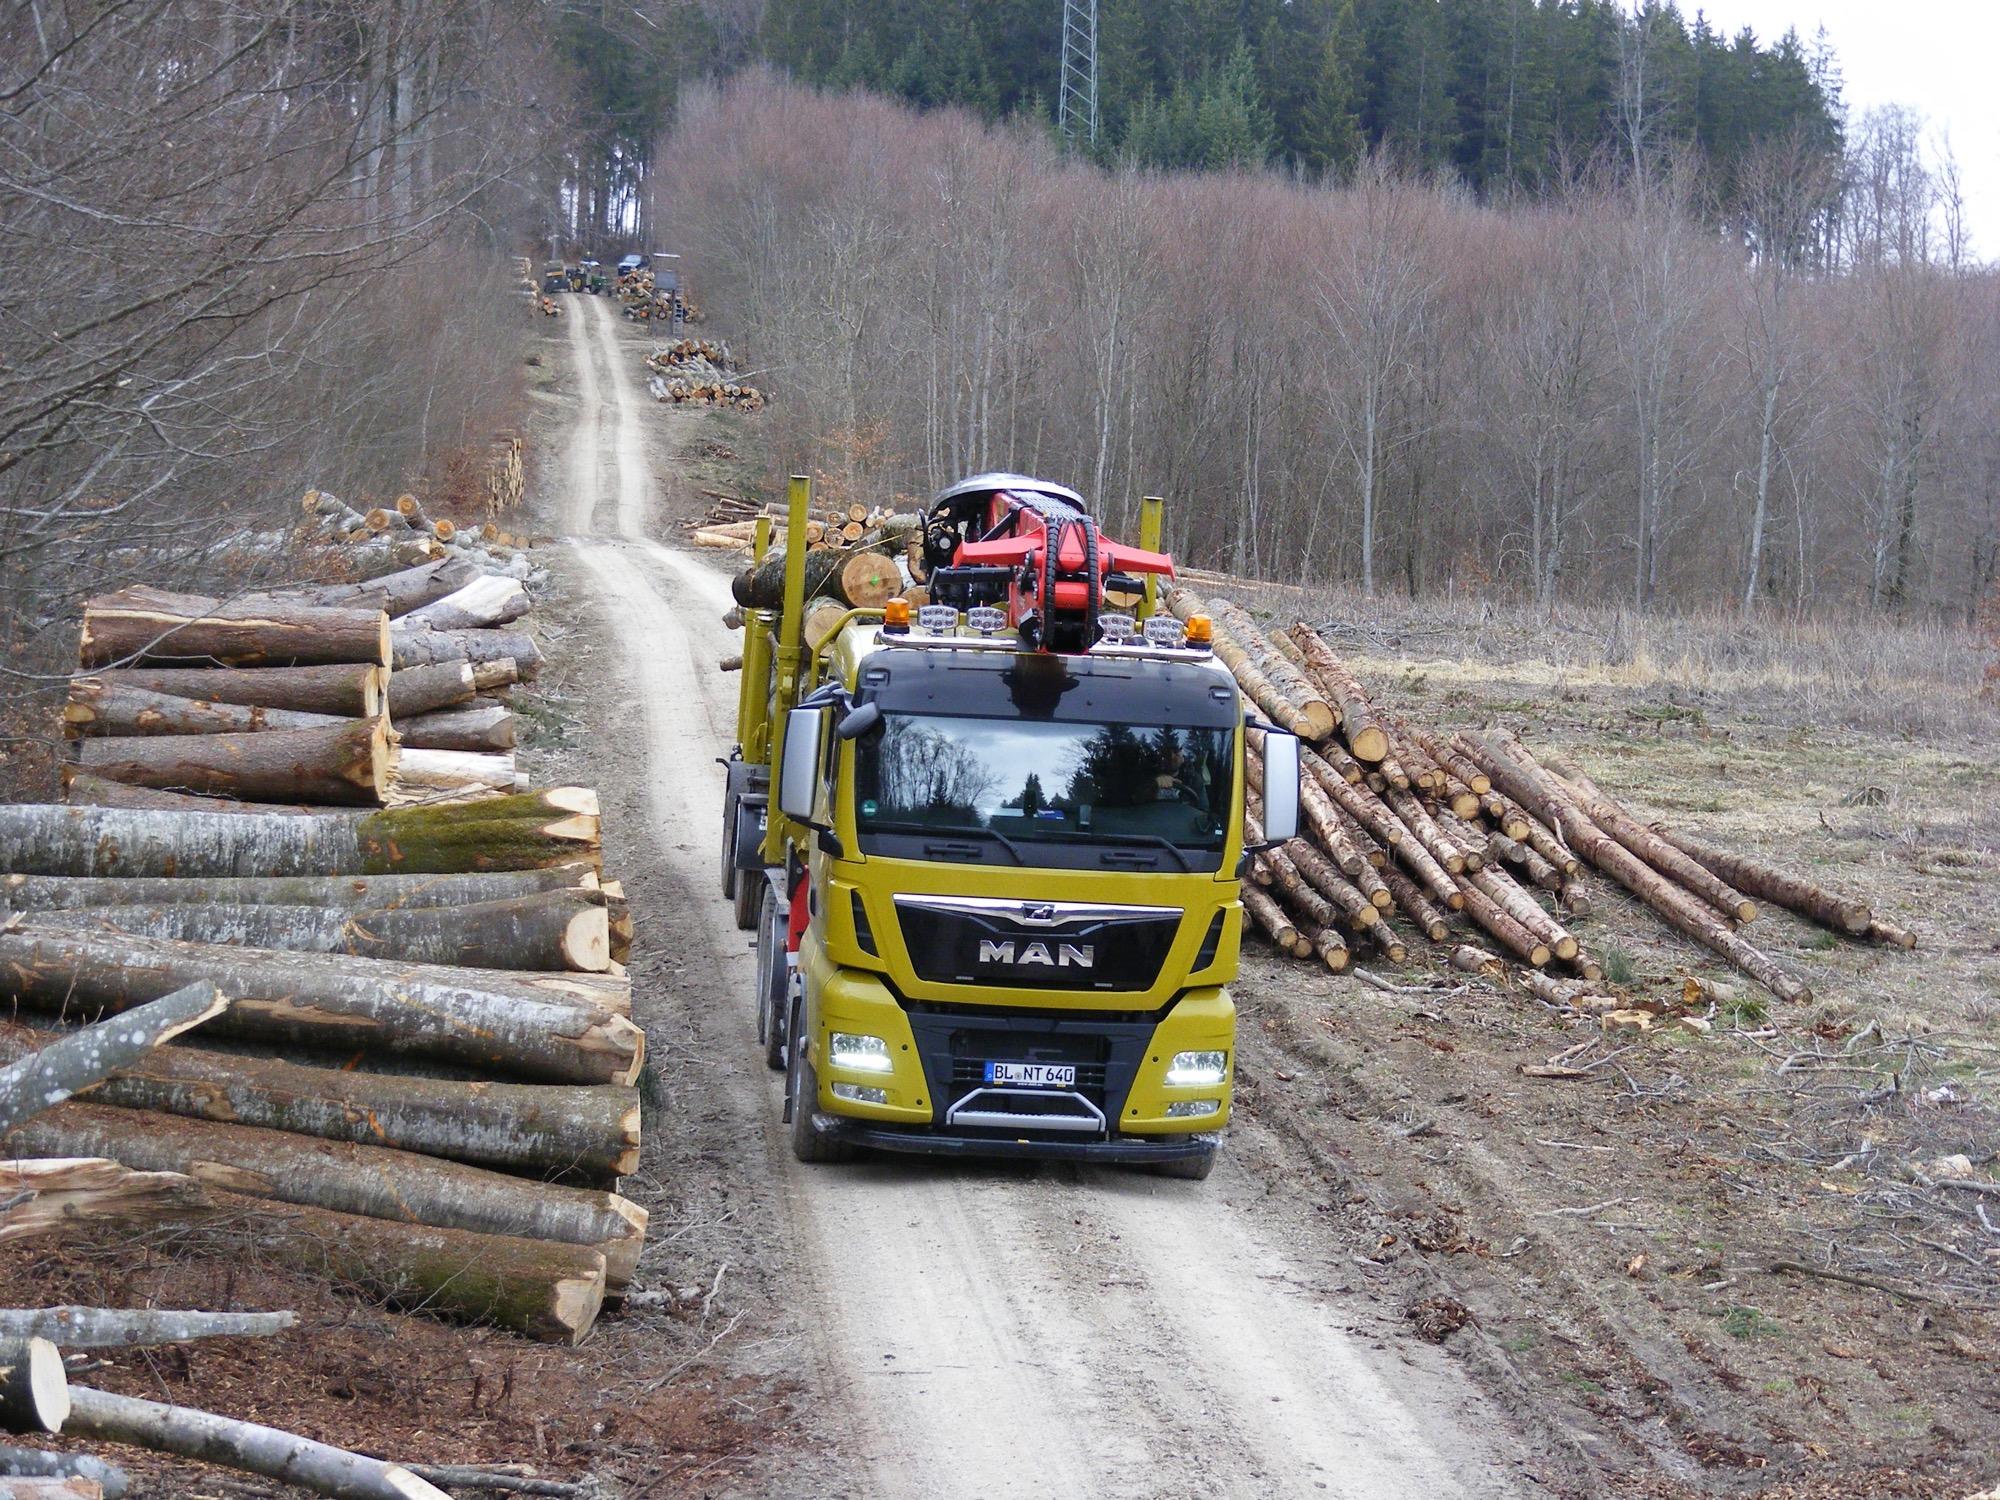 2020-5-8-Oppenau-Ilse und Manfred Oestreich-Holztransport-Nagel 200314zk